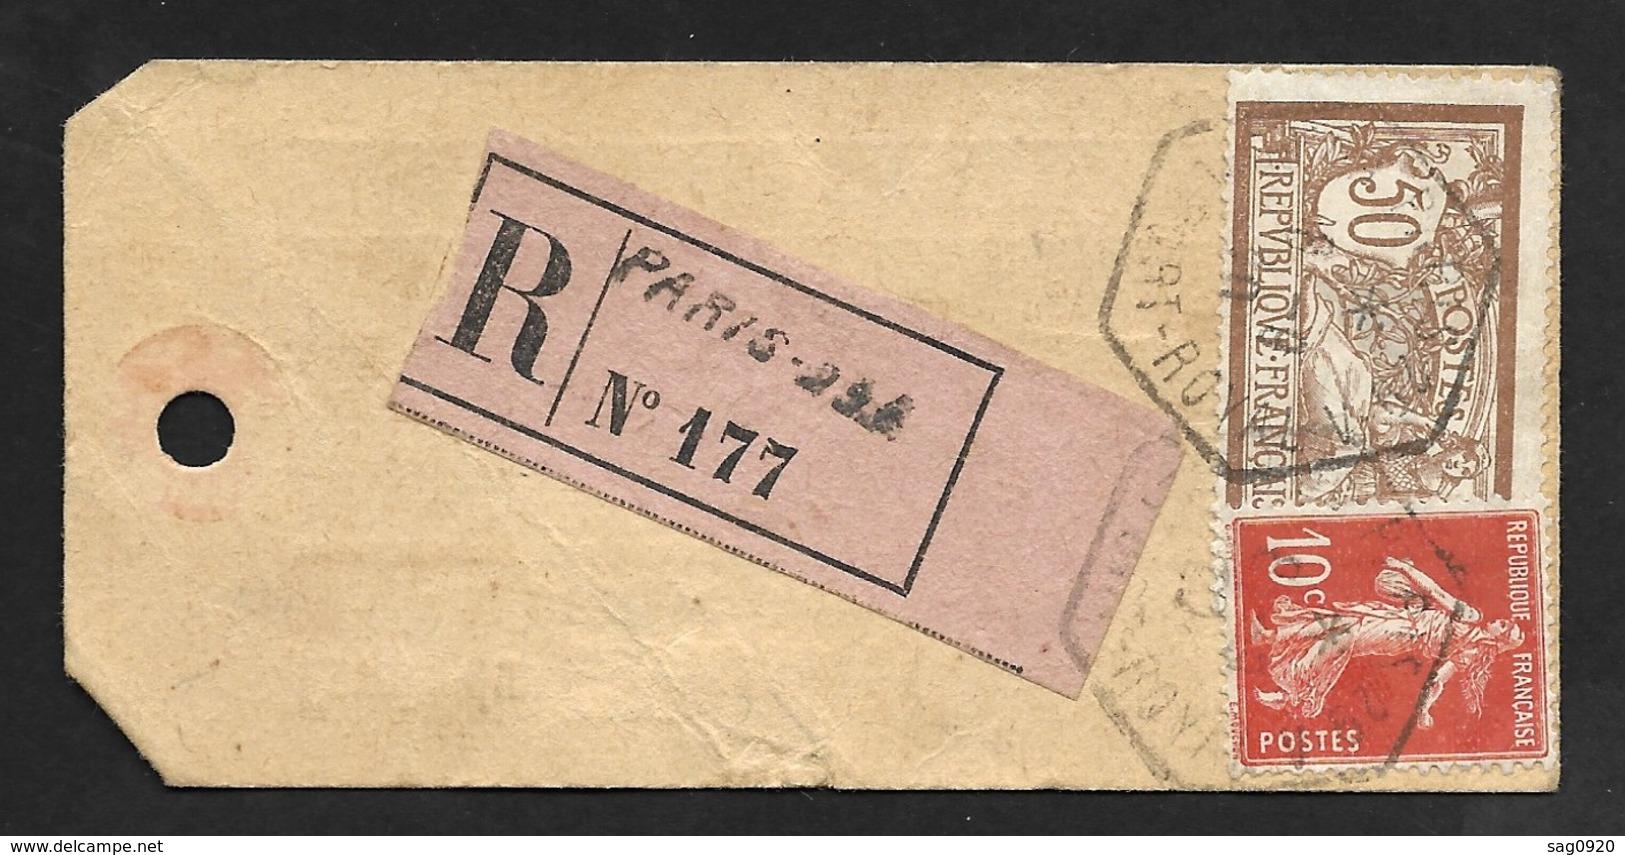 Etiquette Echantillon Avec Cachet Paris Port Royal Sur Merson 50c Et Semeuse 10c-Recommandé - Storia Postale